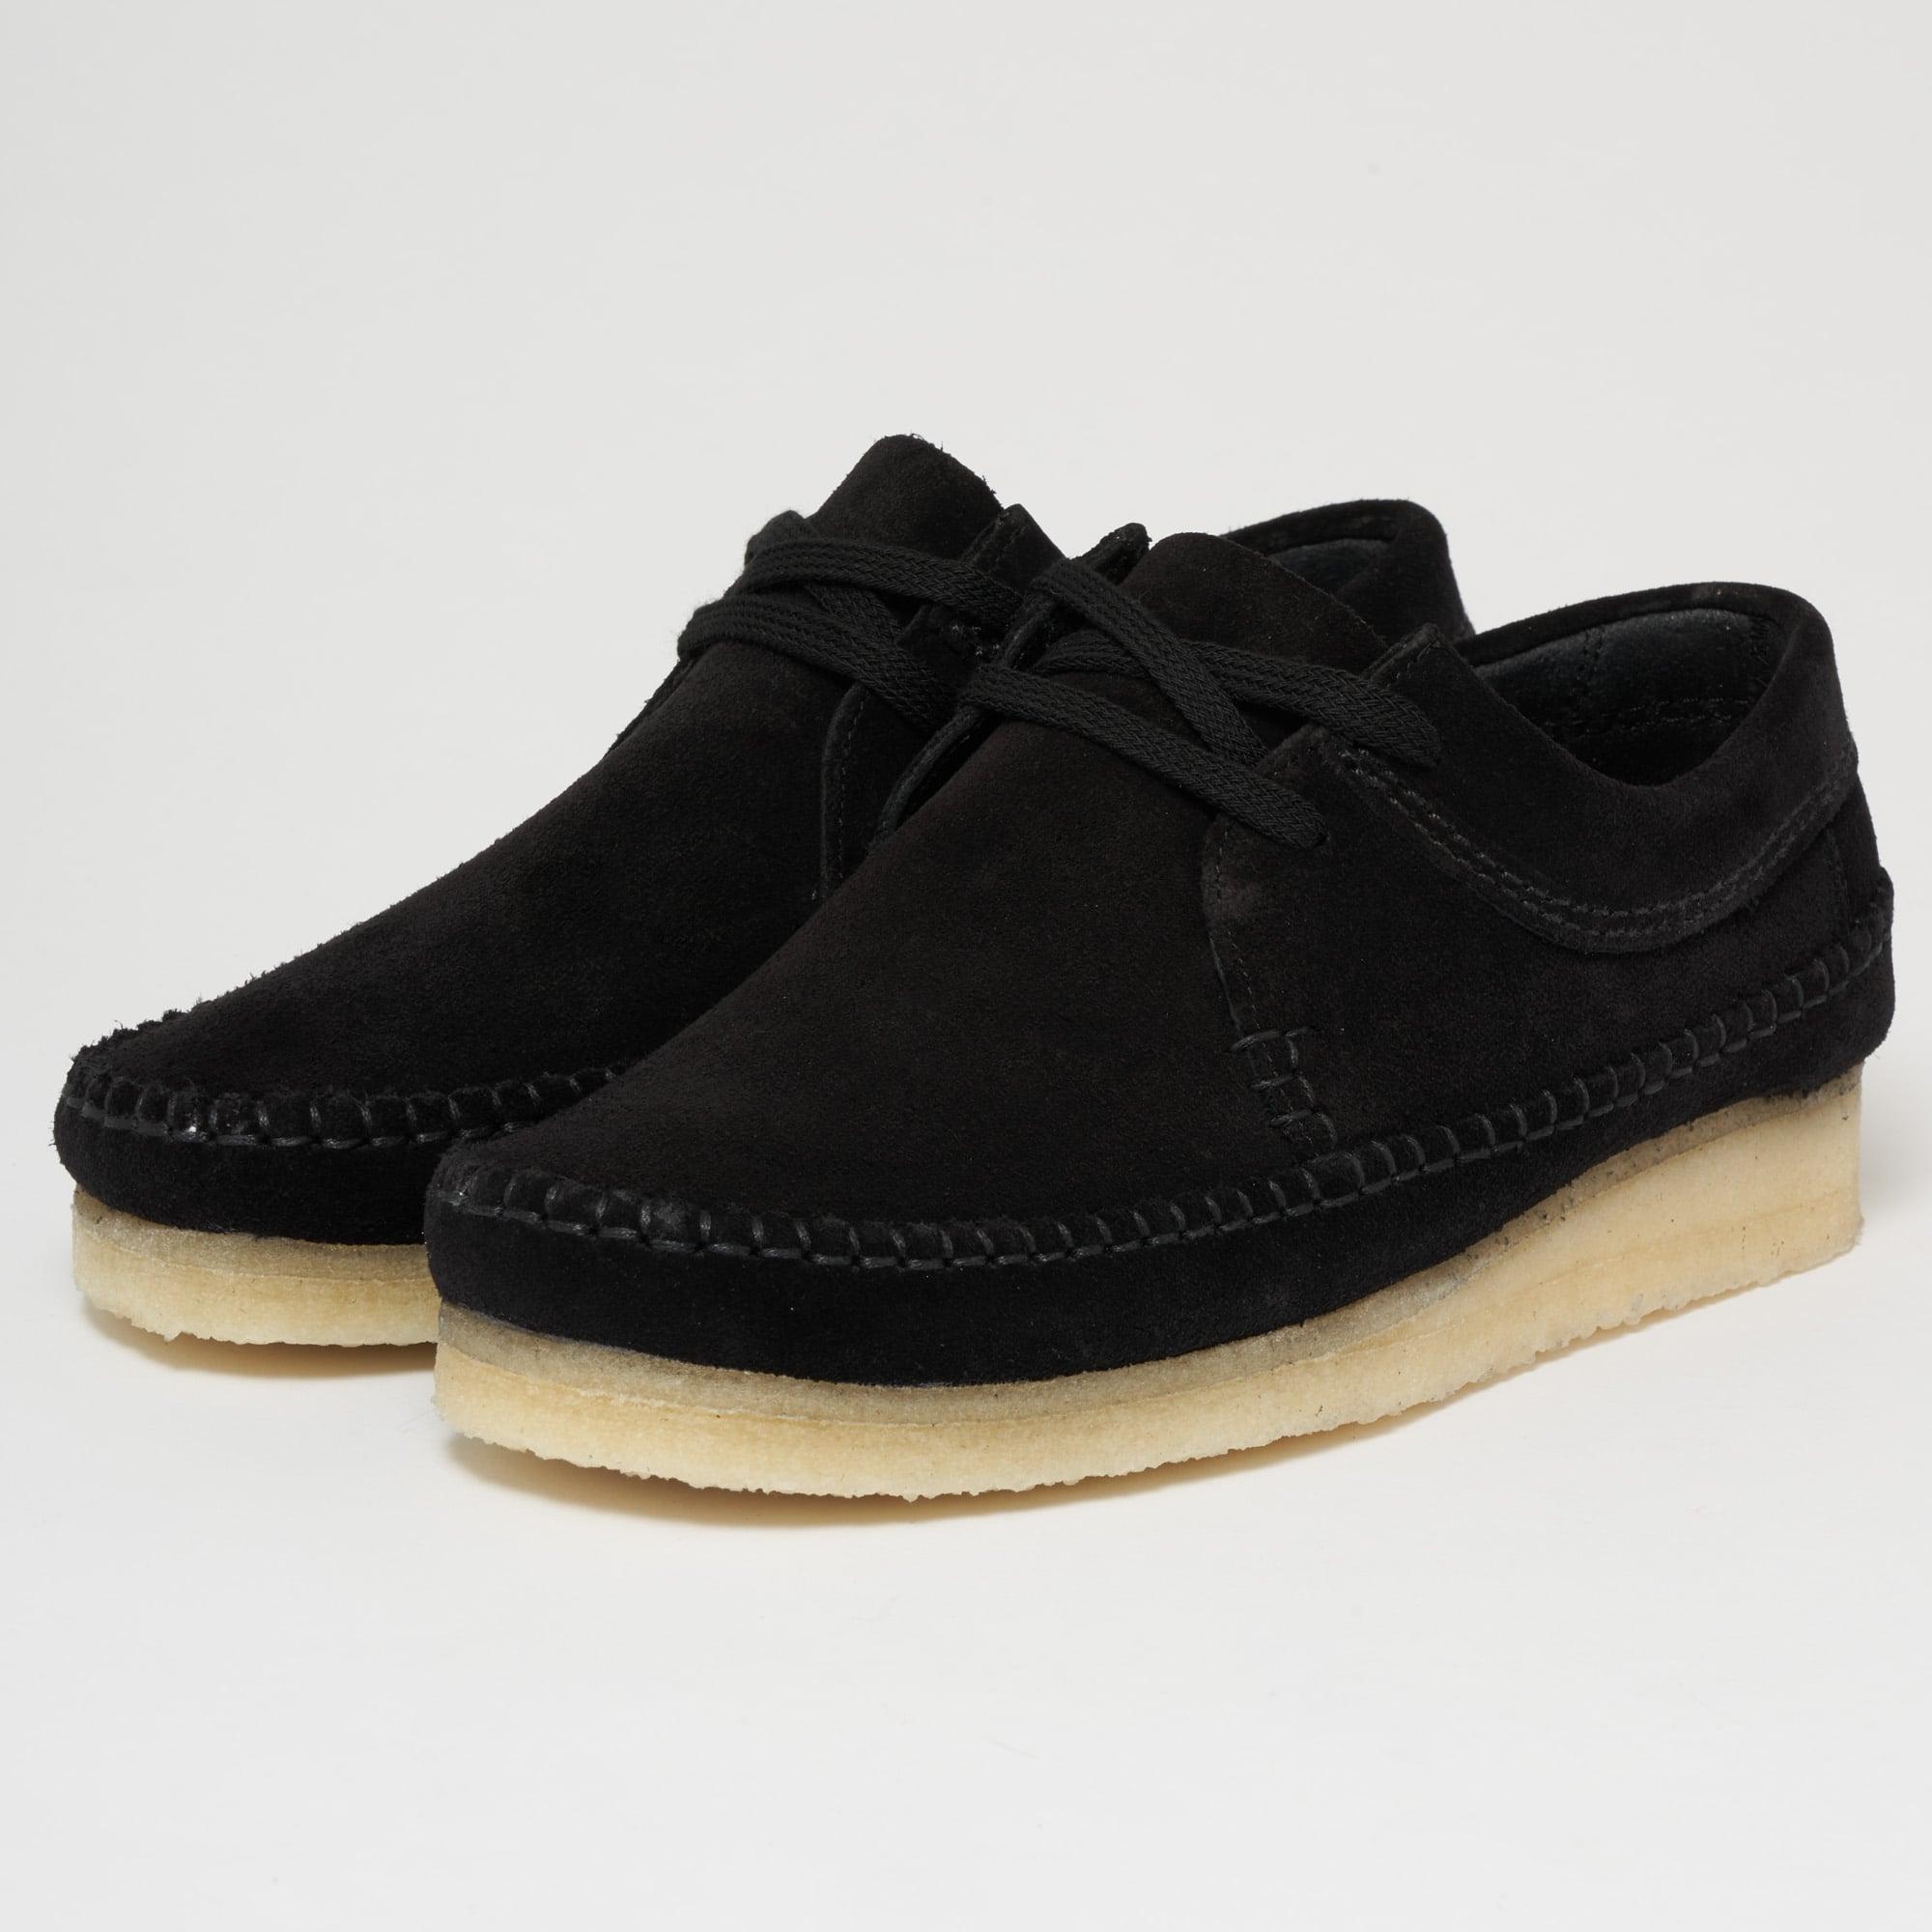 d1a88979 Clarks Originals UK | Weaver Black Suede Shoes